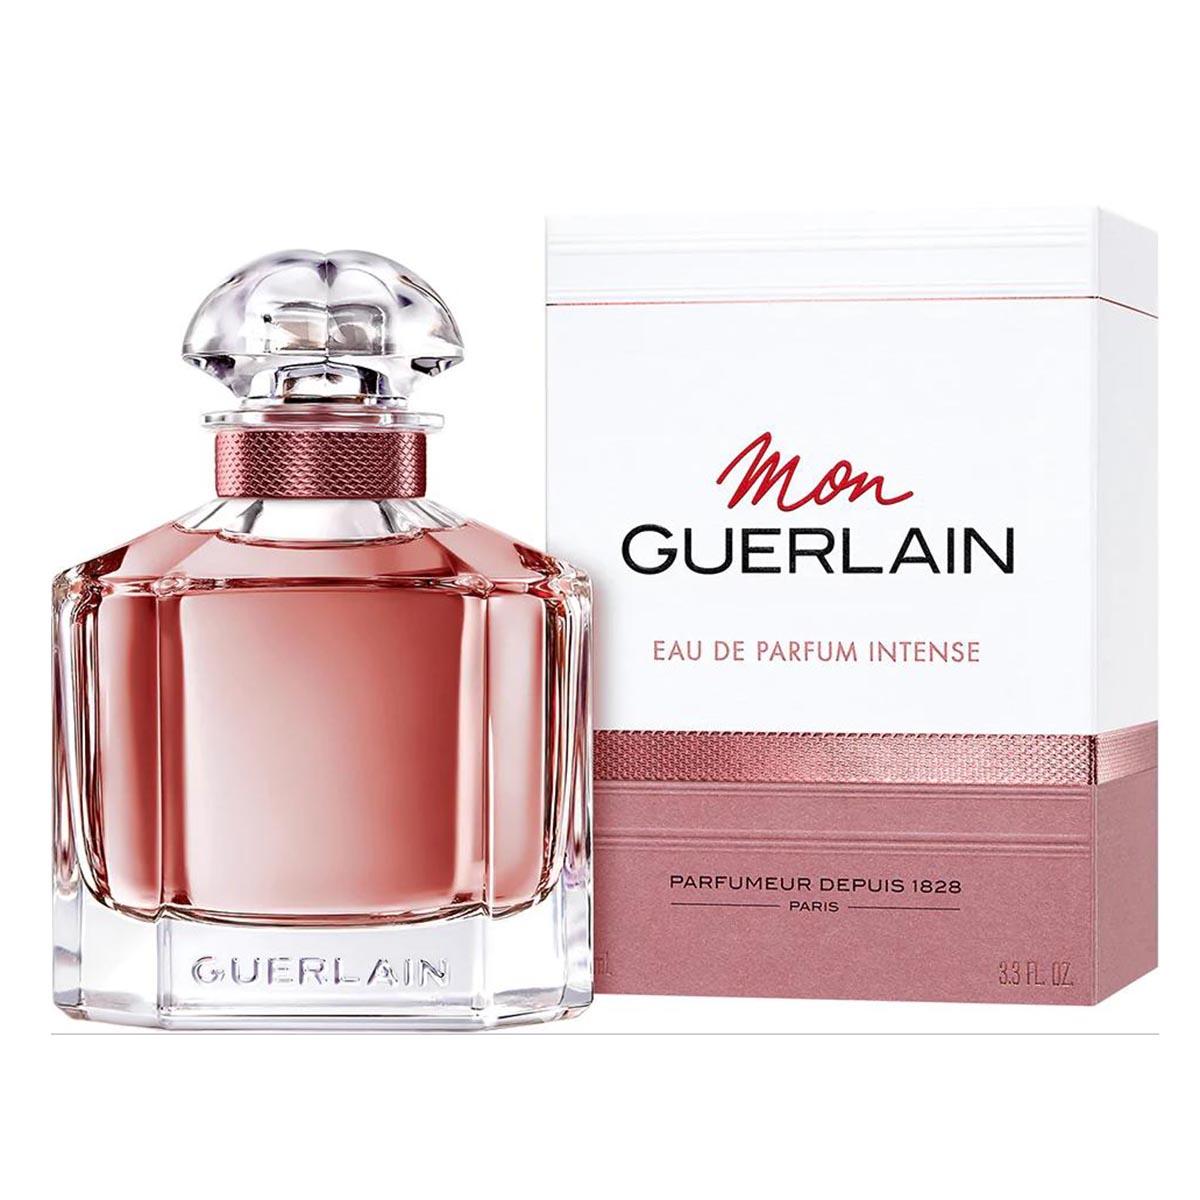 Guerlain mon eau de parfum intense 50ml vaporizador